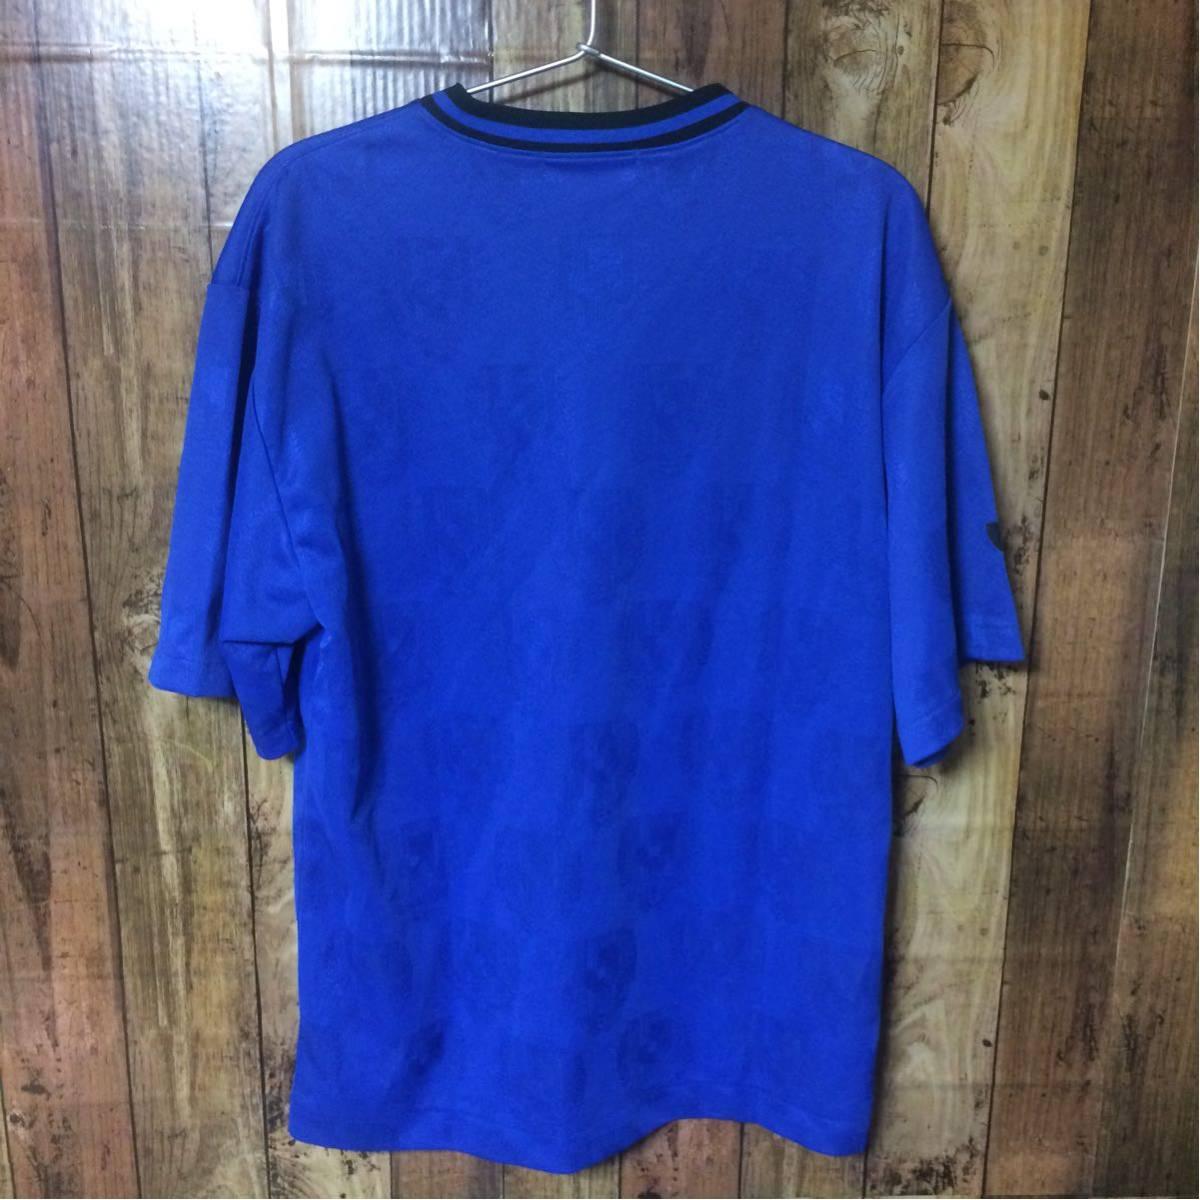 【コレクターアイテム】ガンバ大阪 Jリーグオフィシャル ユニフォーム Tシャツ Lサイズ_画像2